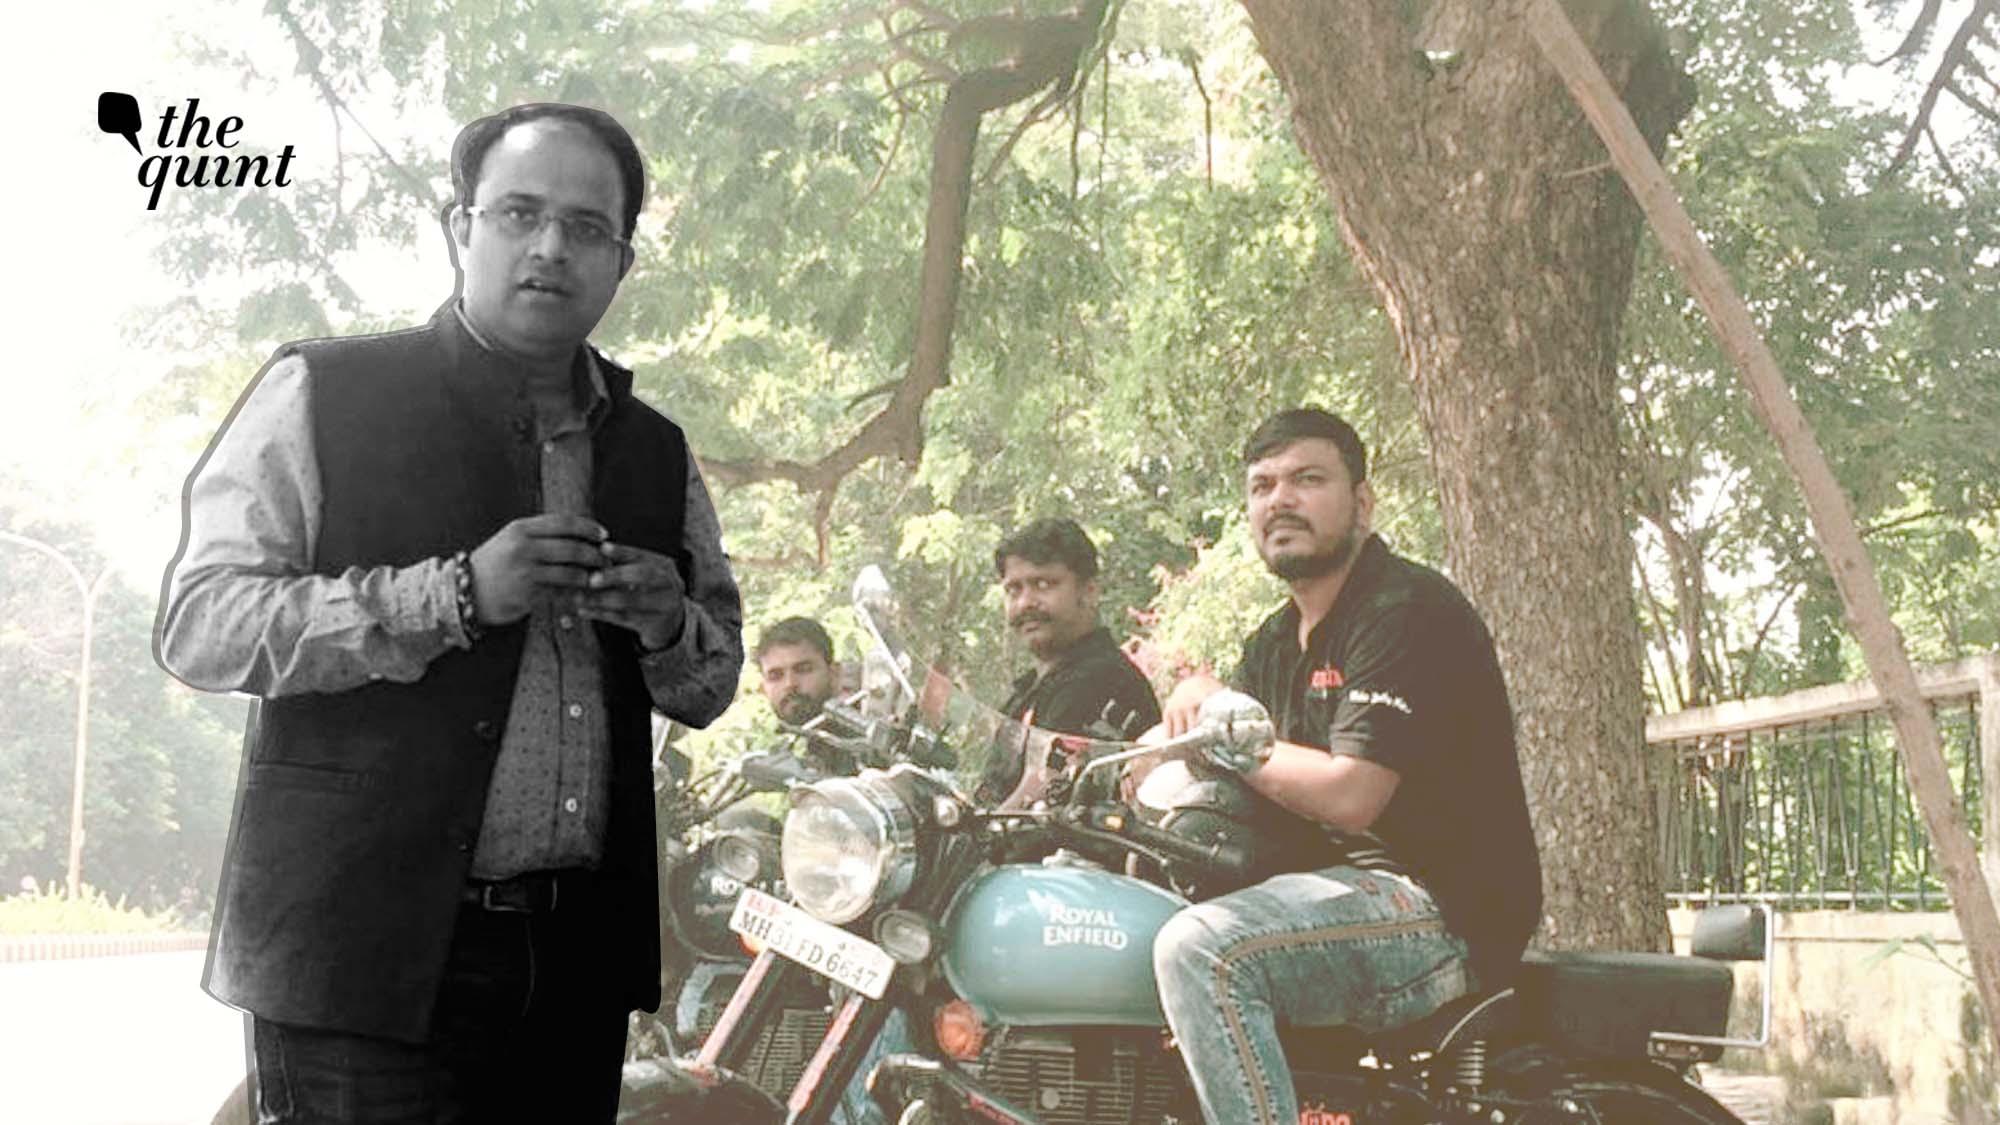 Maha Polls: Will Gadkari's Hometown Give Fadnavis a Second Chance?